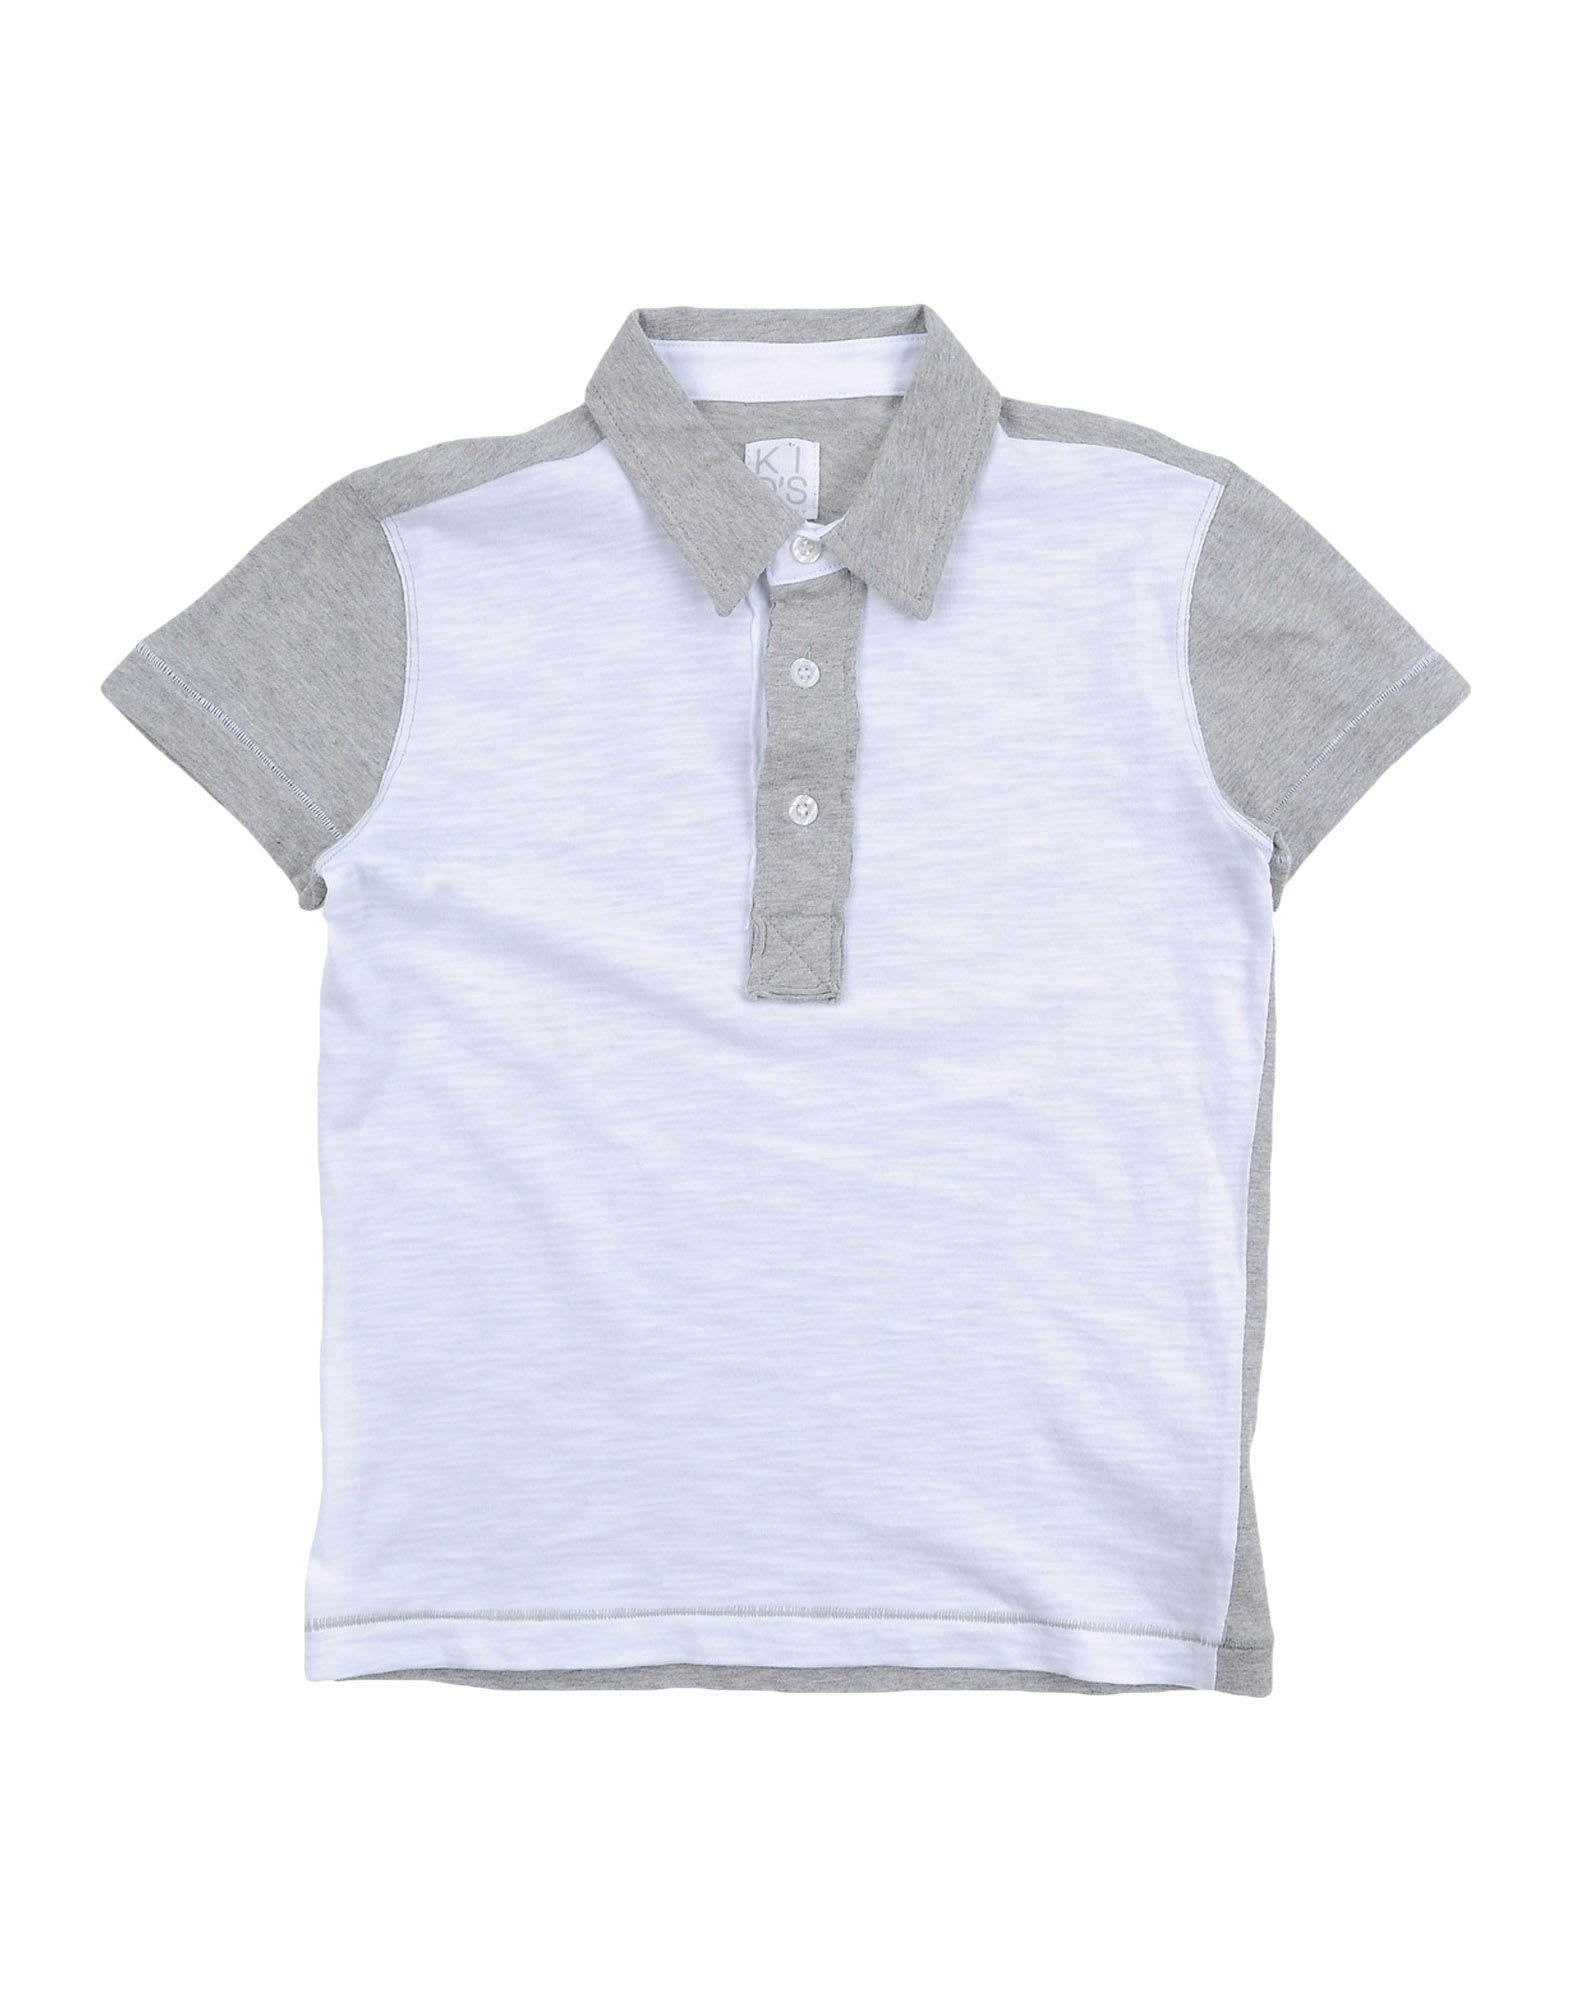 KIDS COMPANY Polo shirts